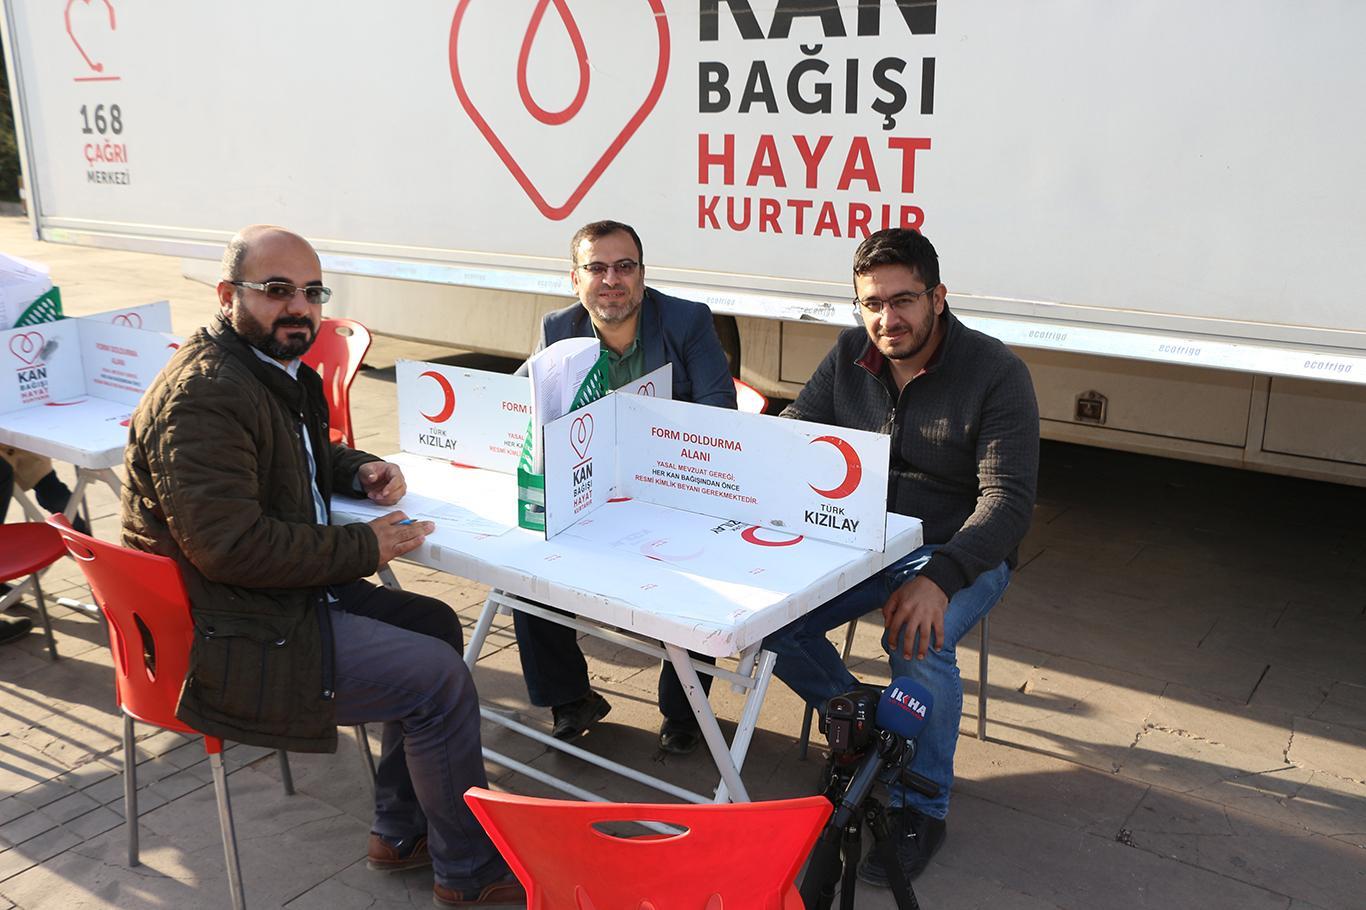 Mardinliler 2 gün boyunca kan bağışında bulunacak